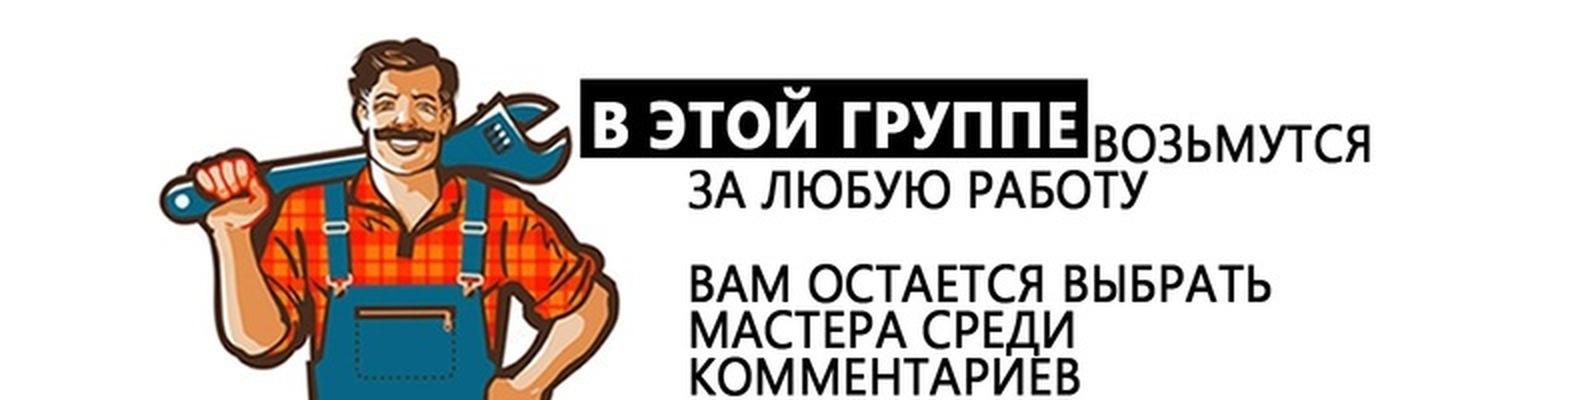 Работа моделей в костроме ksenia ivanova